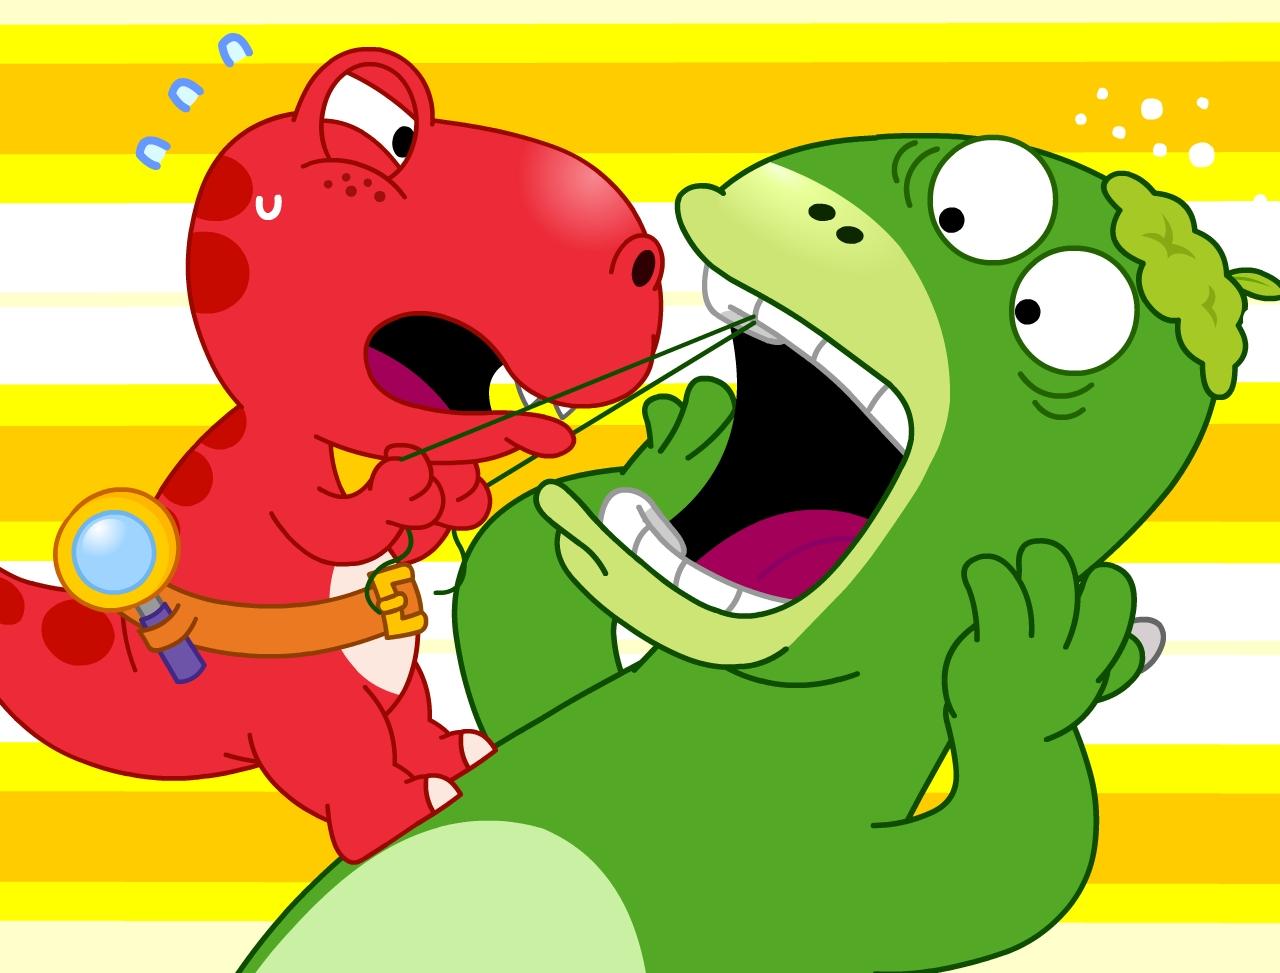 콩콩! 꼬마공룡 티노 2